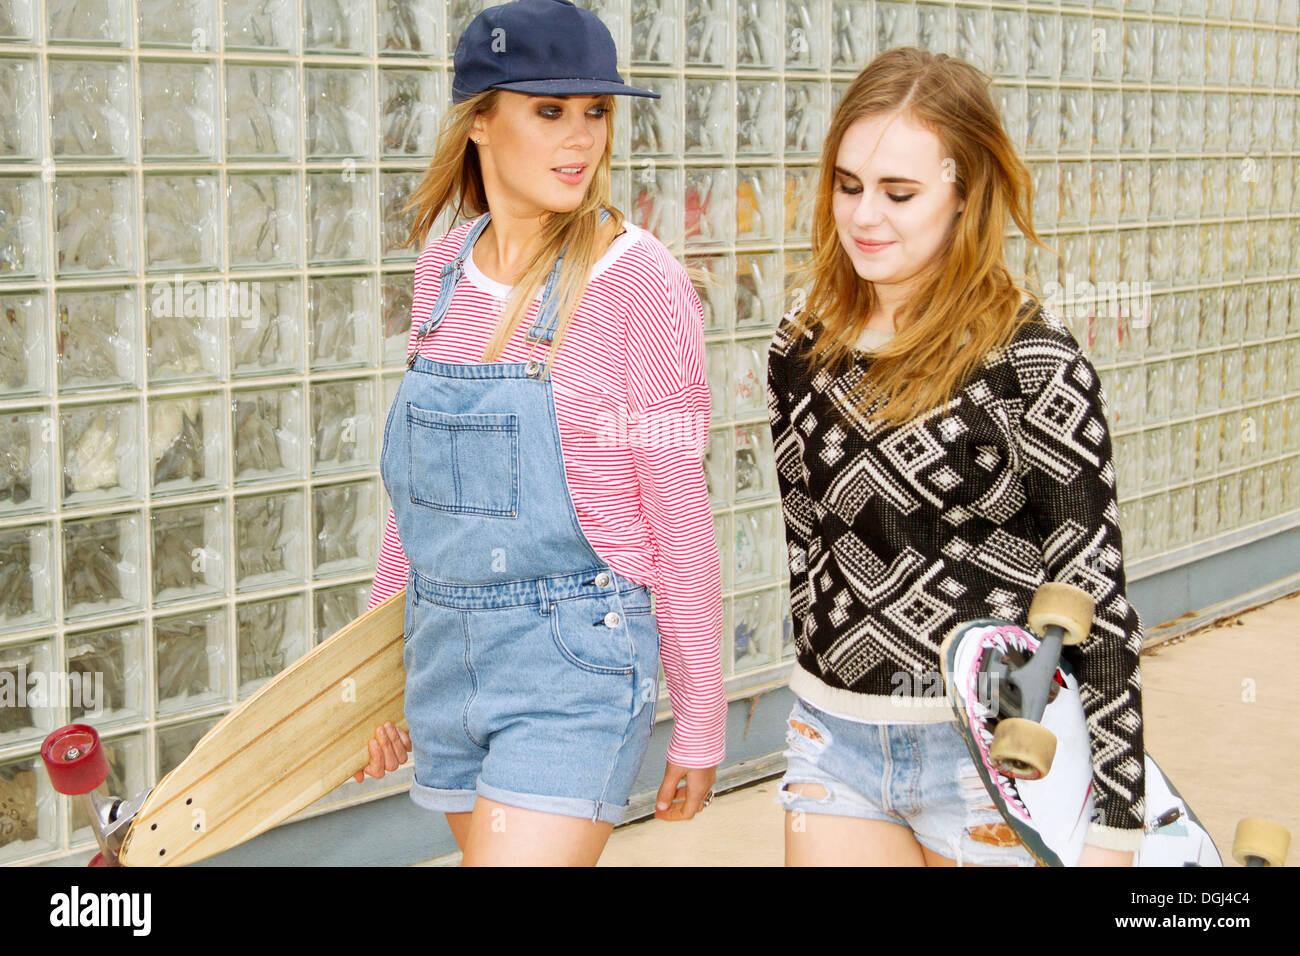 Dos jóvenes mujeres que llevaban skateboards junto a una pared de cristal Foto de stock